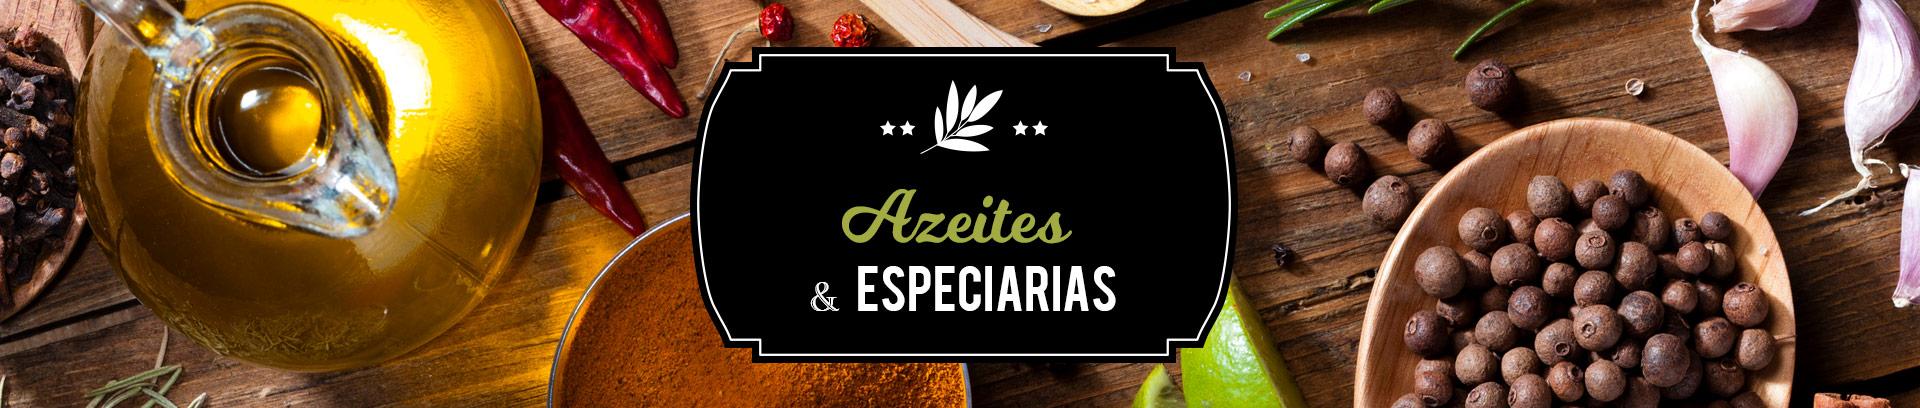 Azeites e especiarias